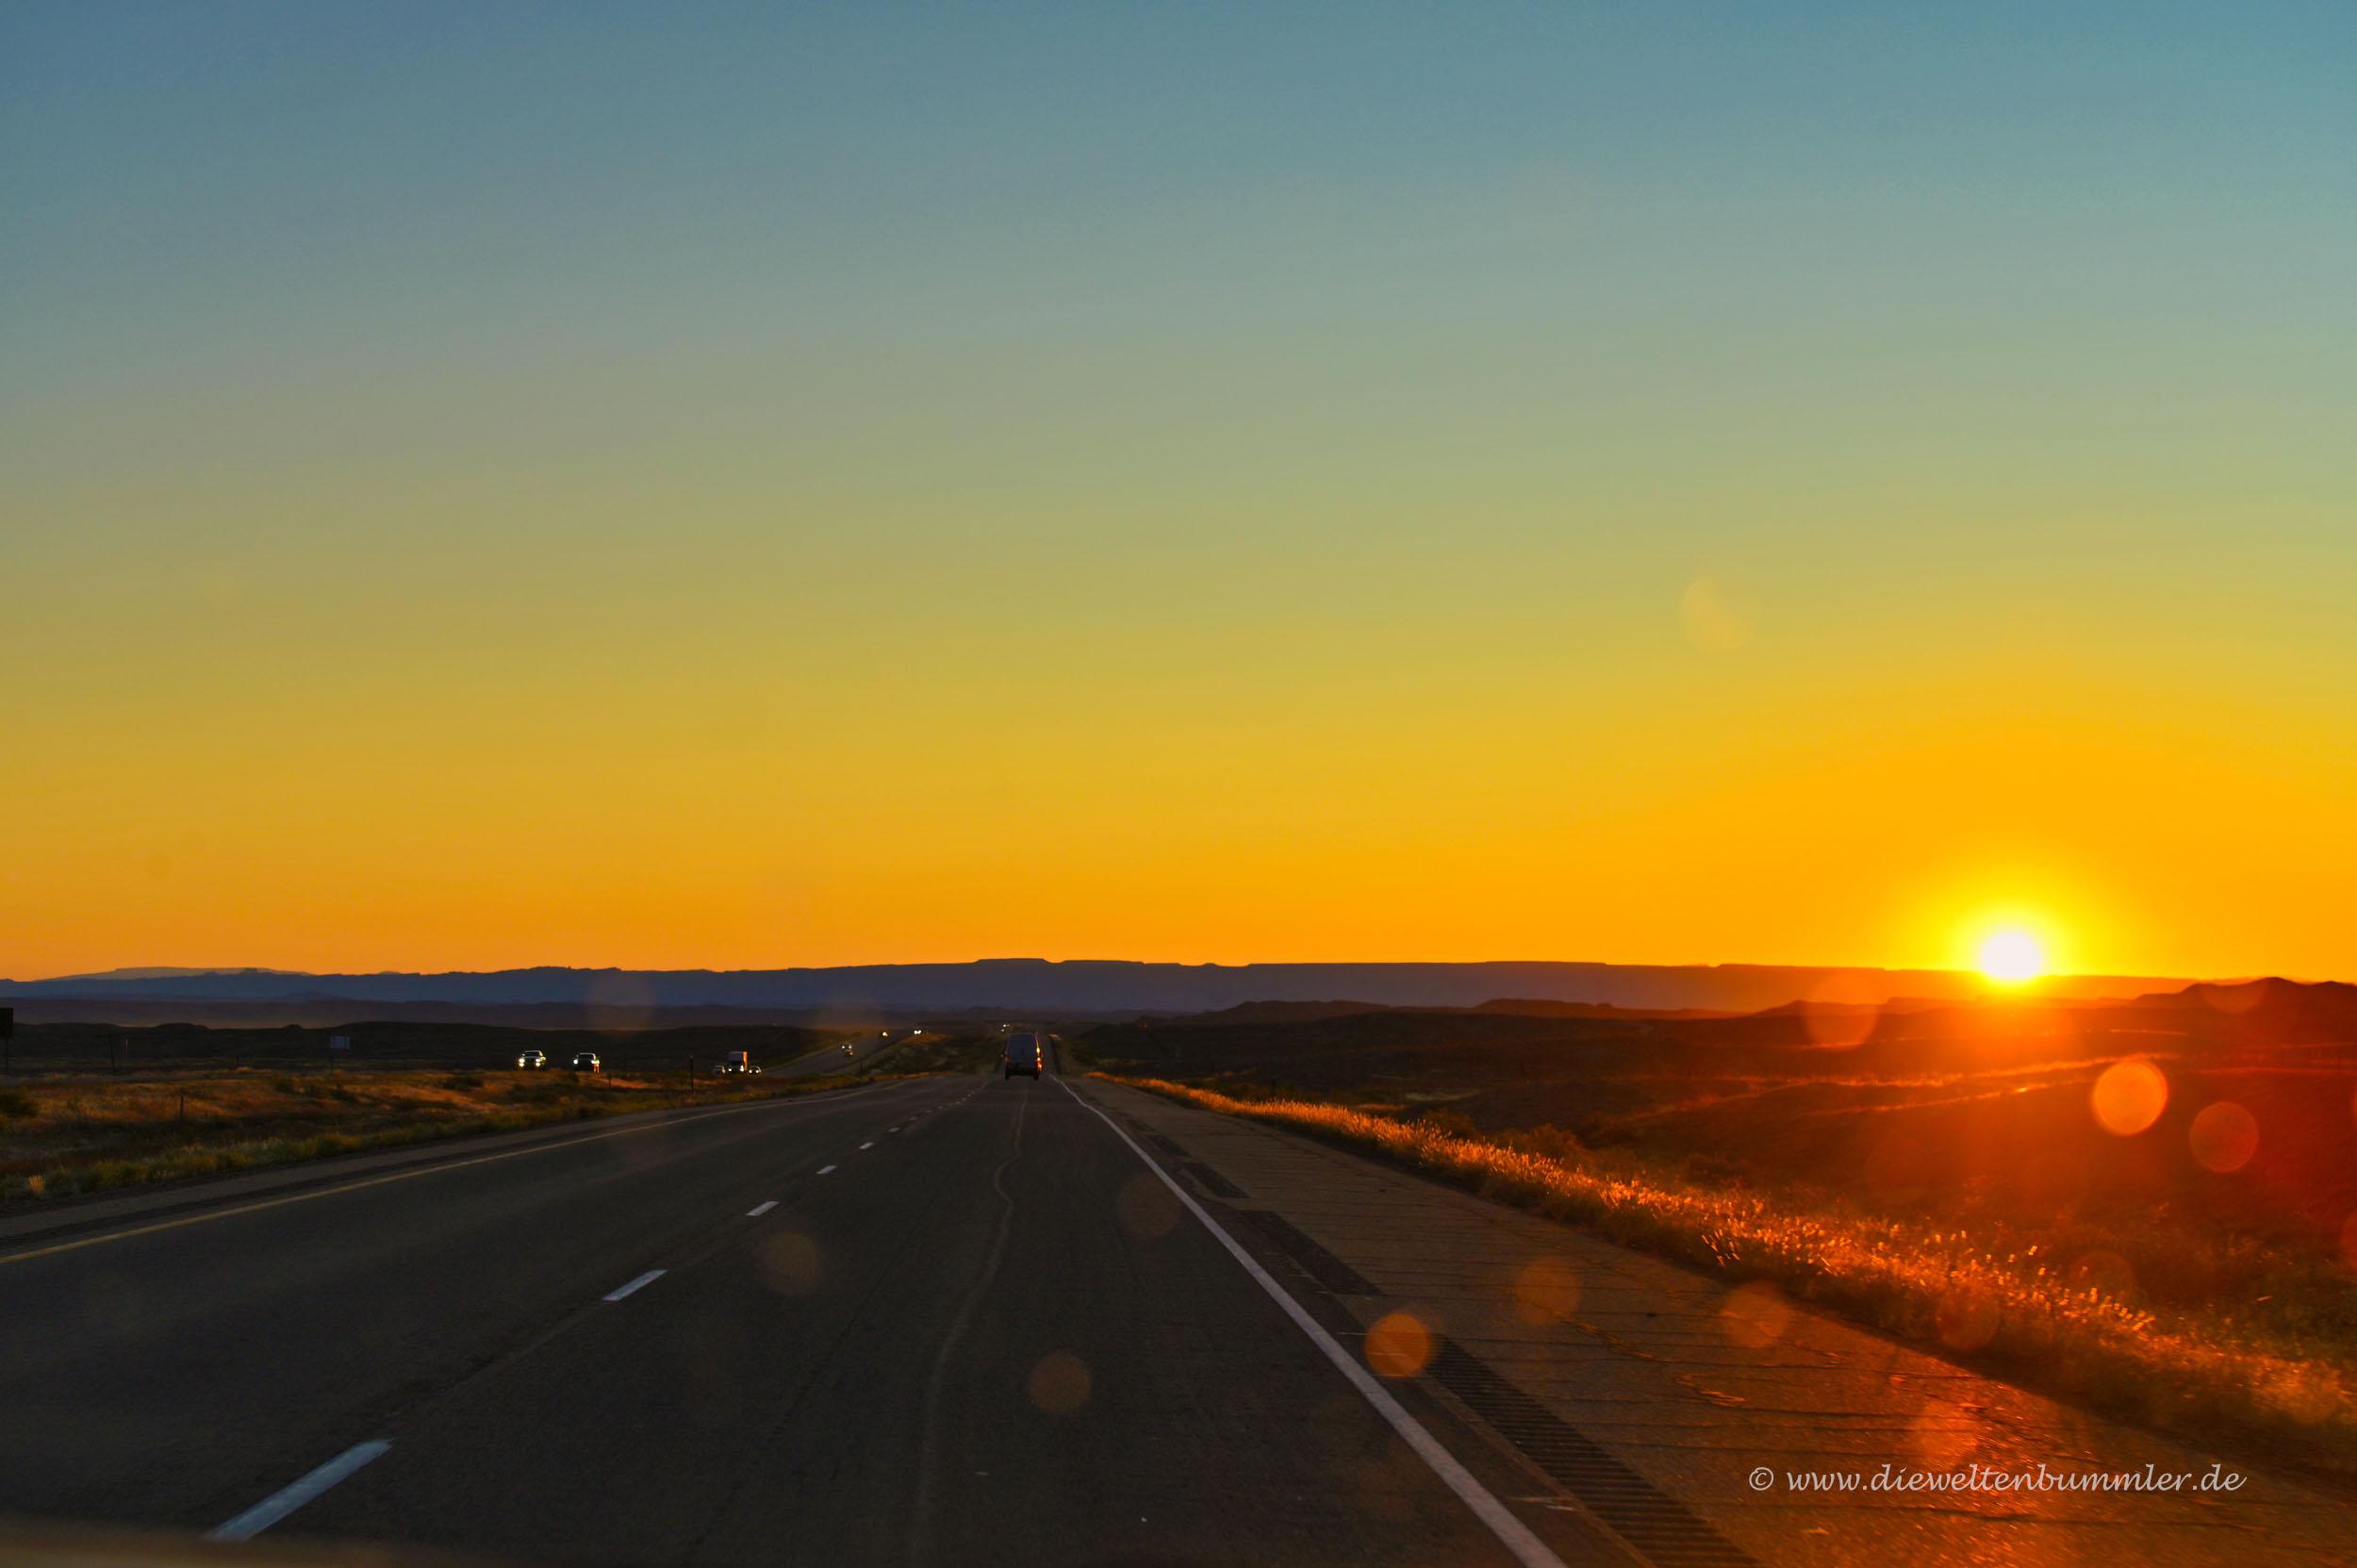 Sonnenuntergang auf dem Weg zum Hotel